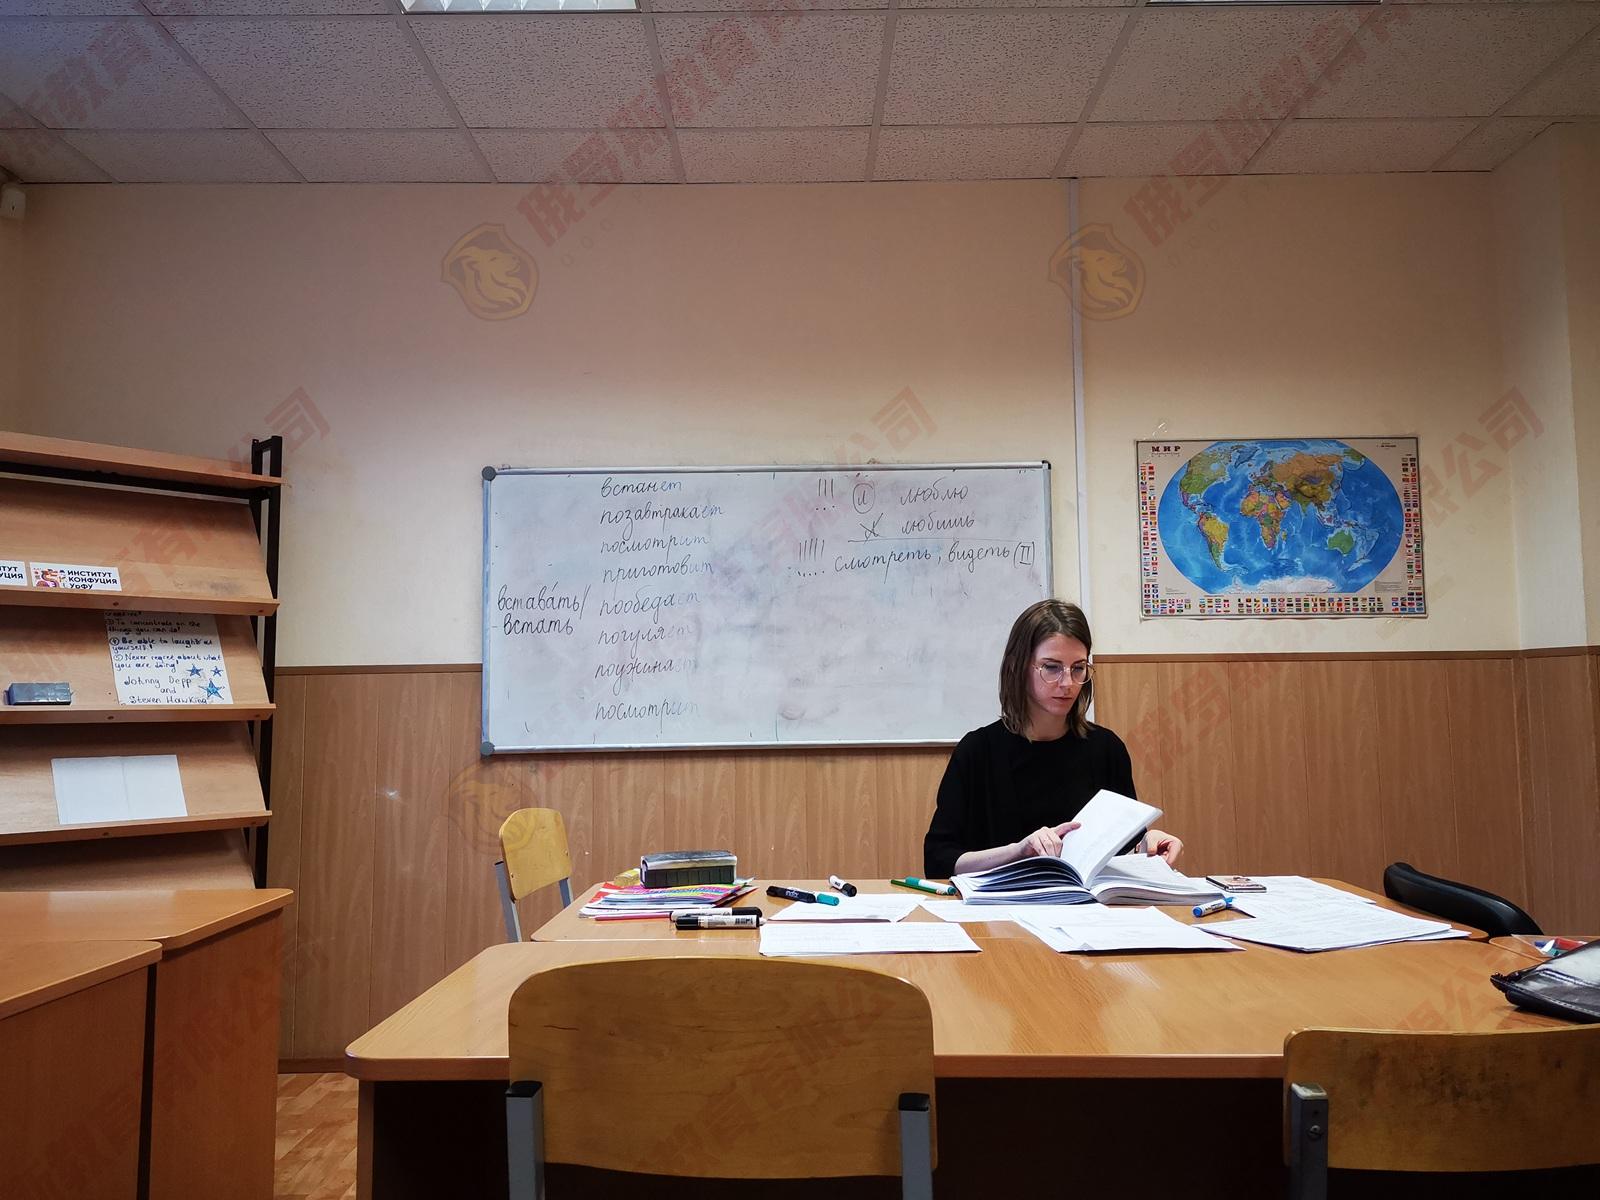 乌拉尔联邦大学学子的留学历程插图12-小狮座俄罗斯留学